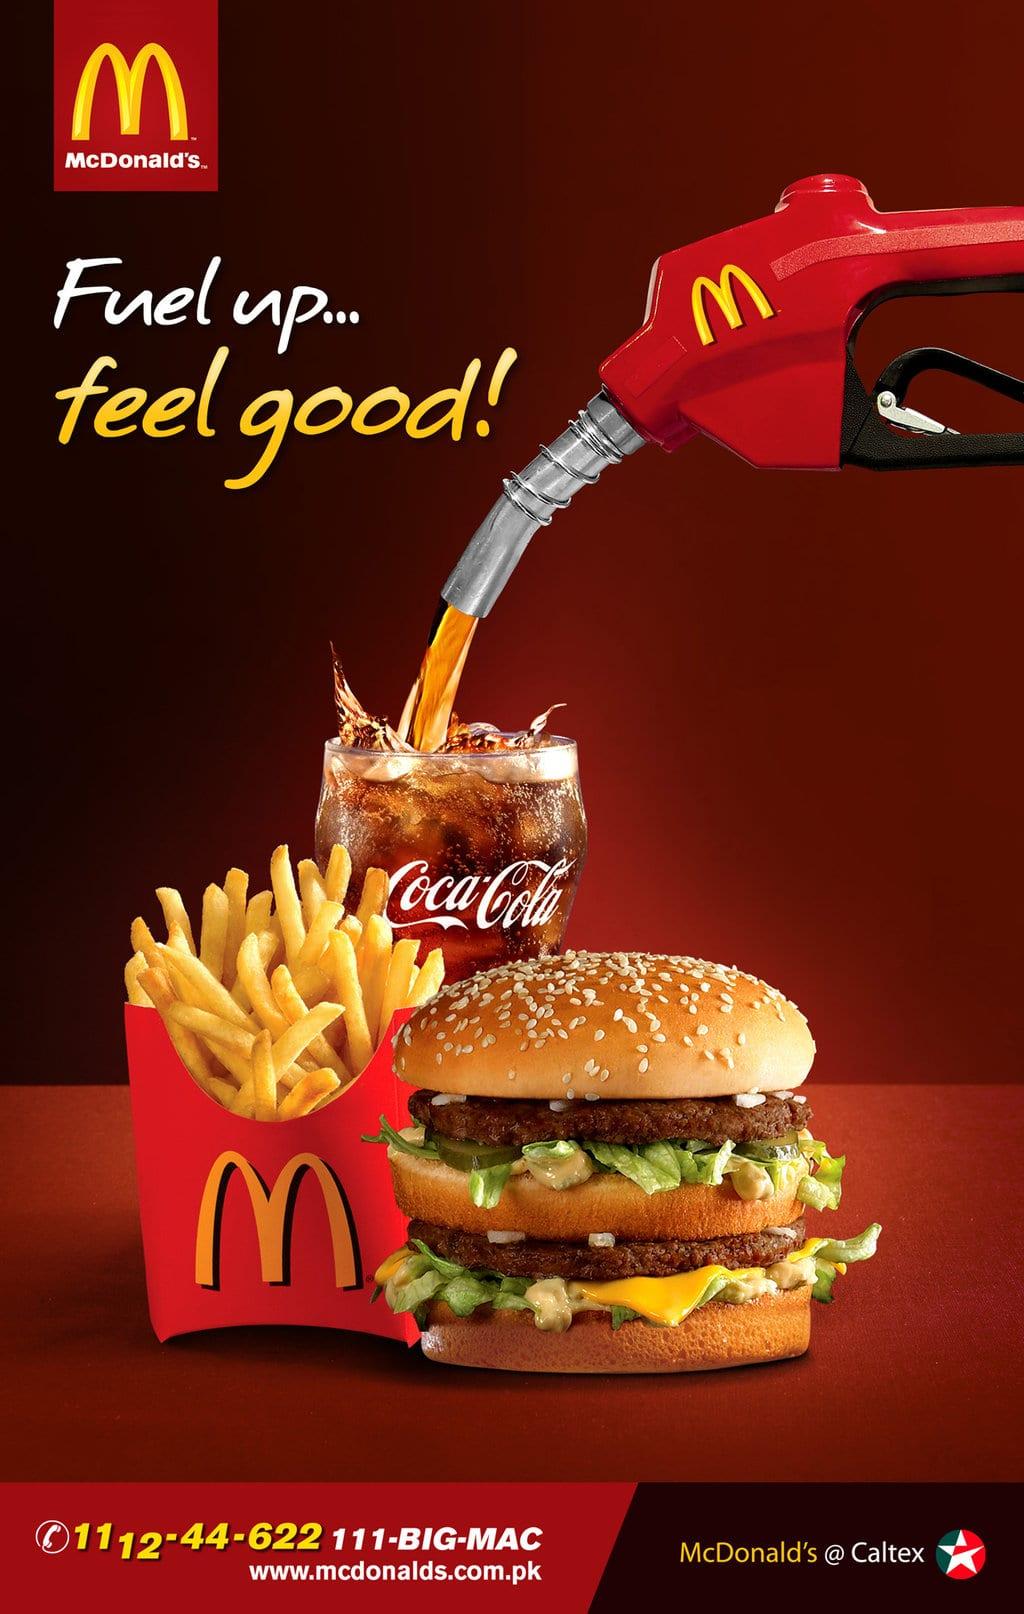 Pénurie de Carburant : Les publicités qui vont vous remonter le moral #penurieessence #penuriecarburant 27